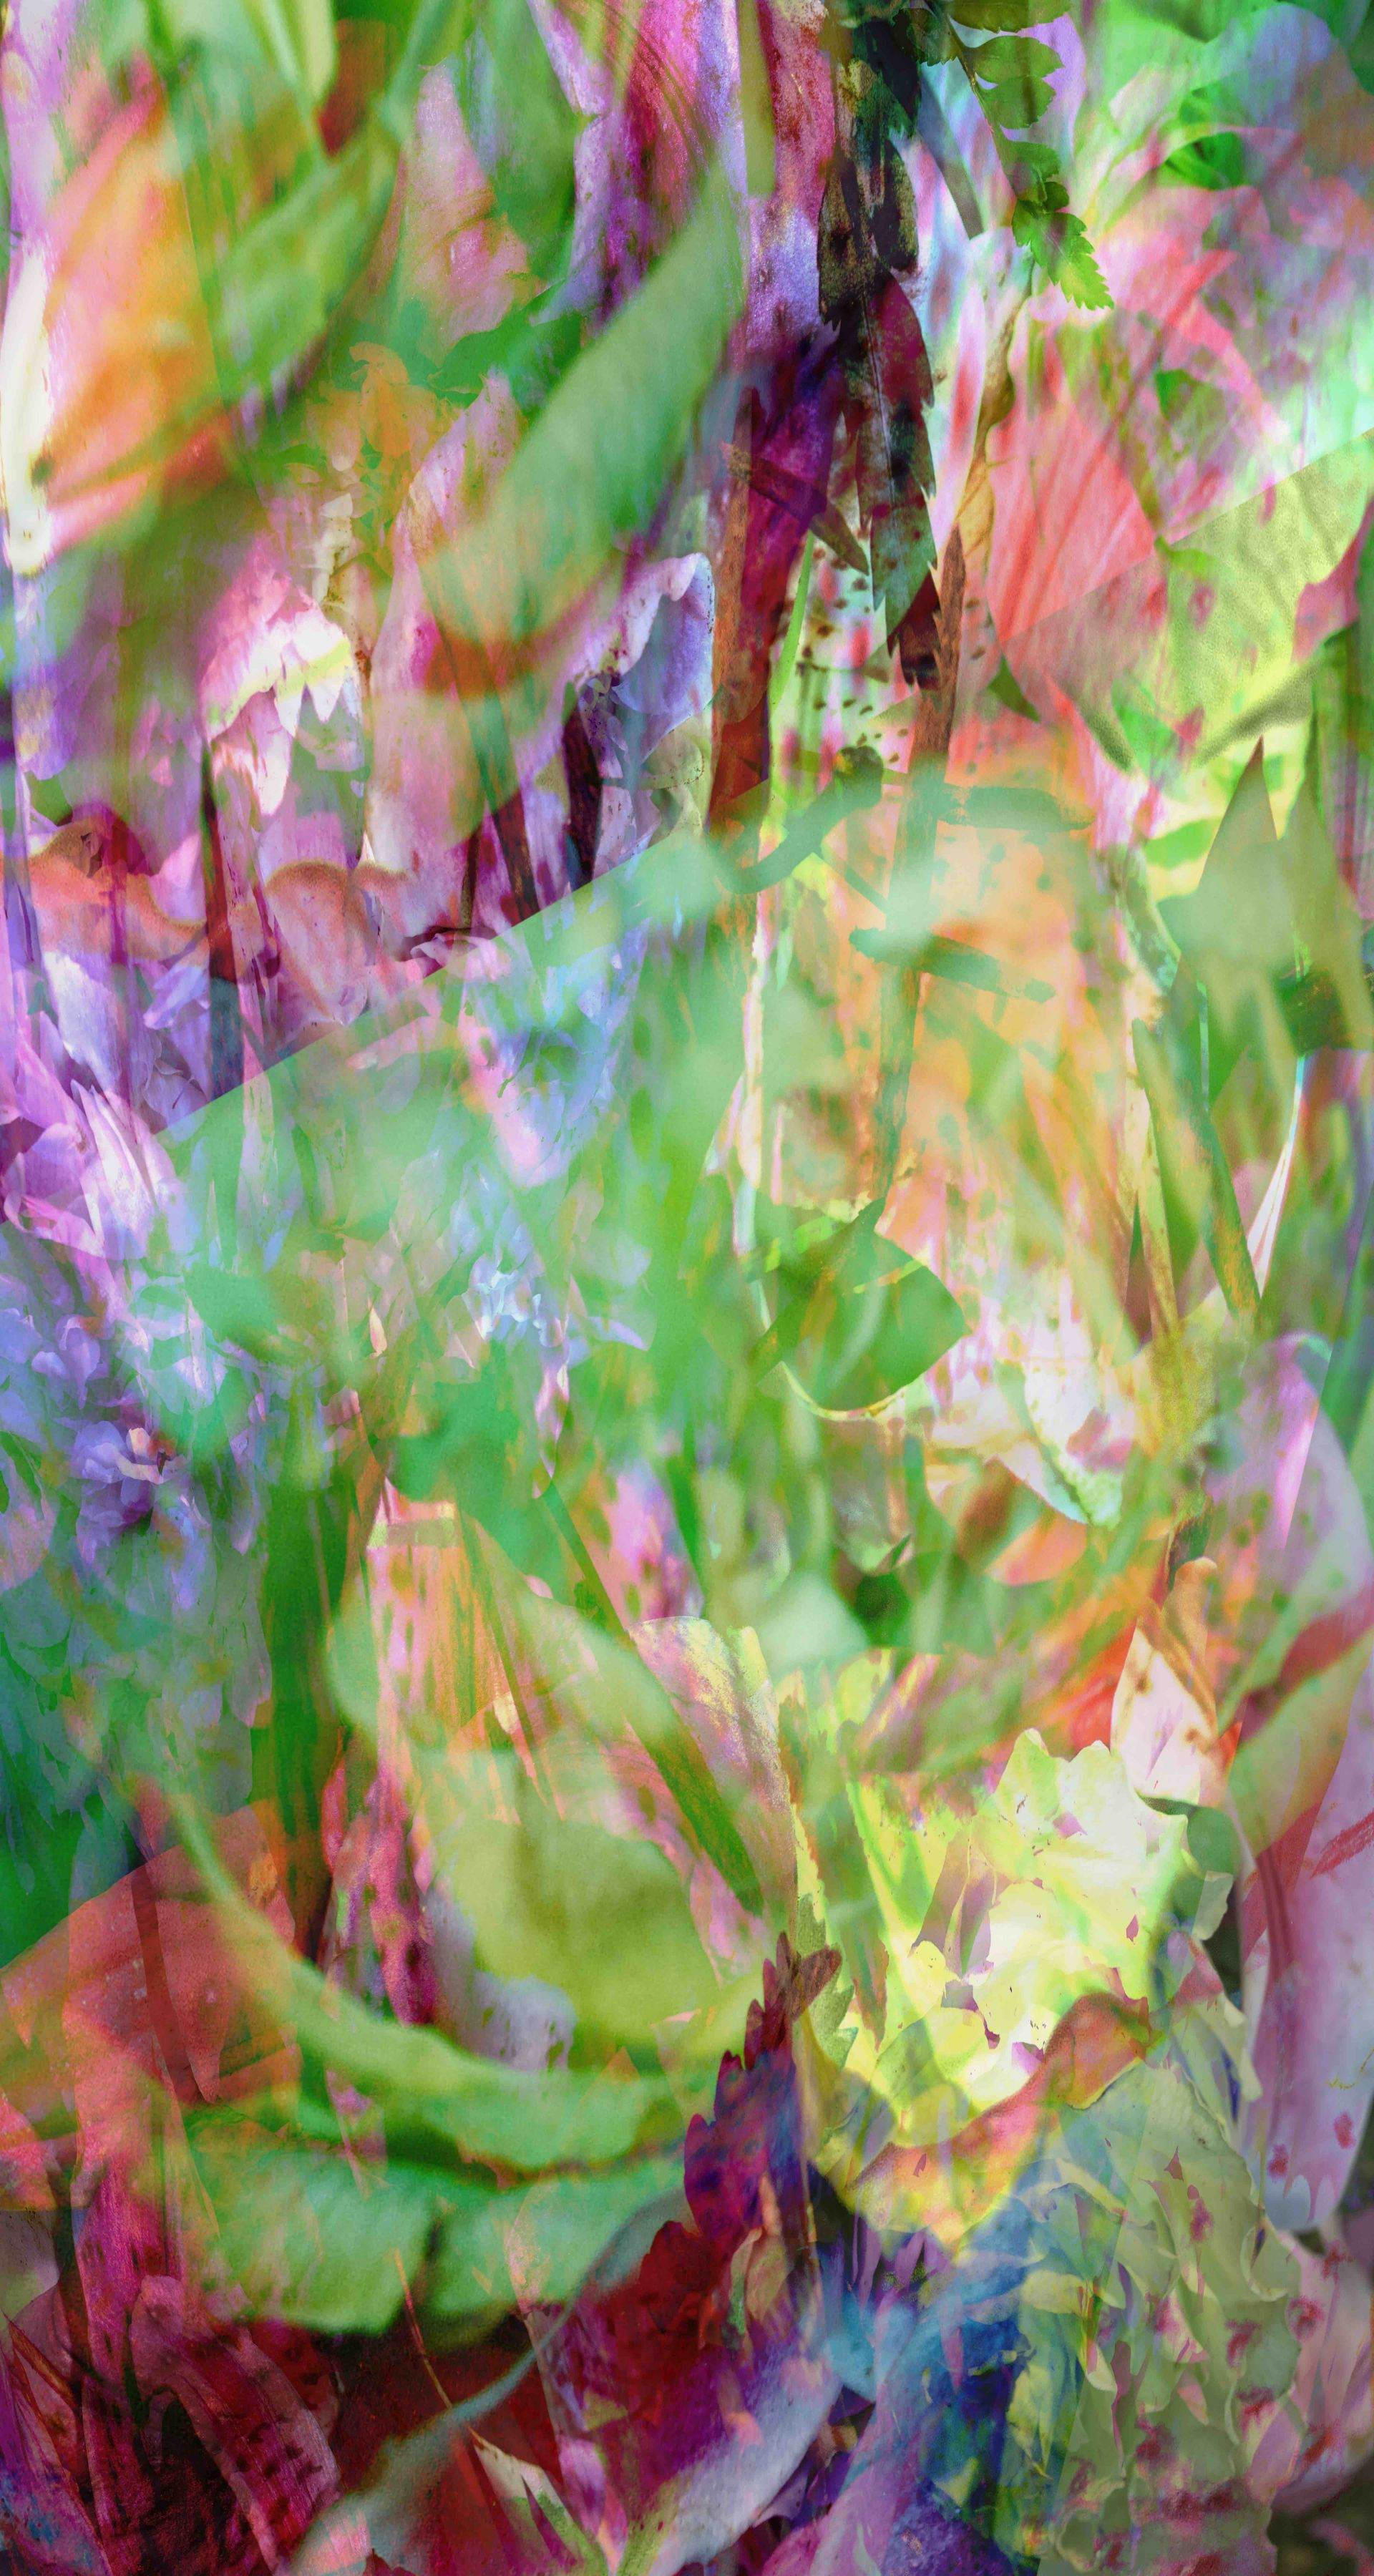 Ecstatic Garden by Fidan Bagirova at Hg Contemporary